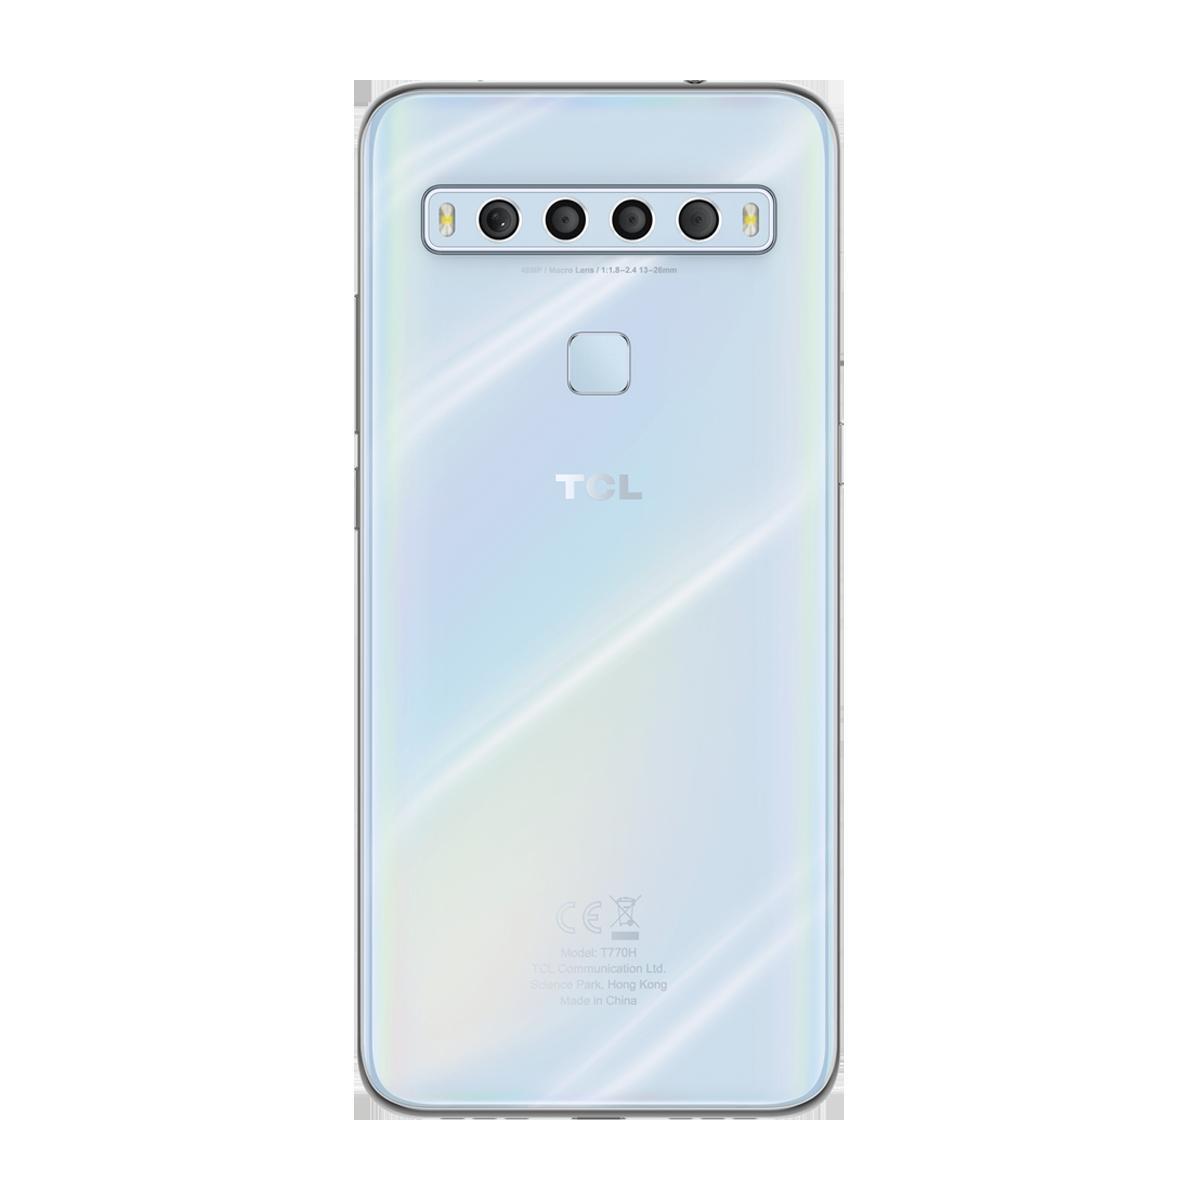 TCL 10L 64 GB Beyaz